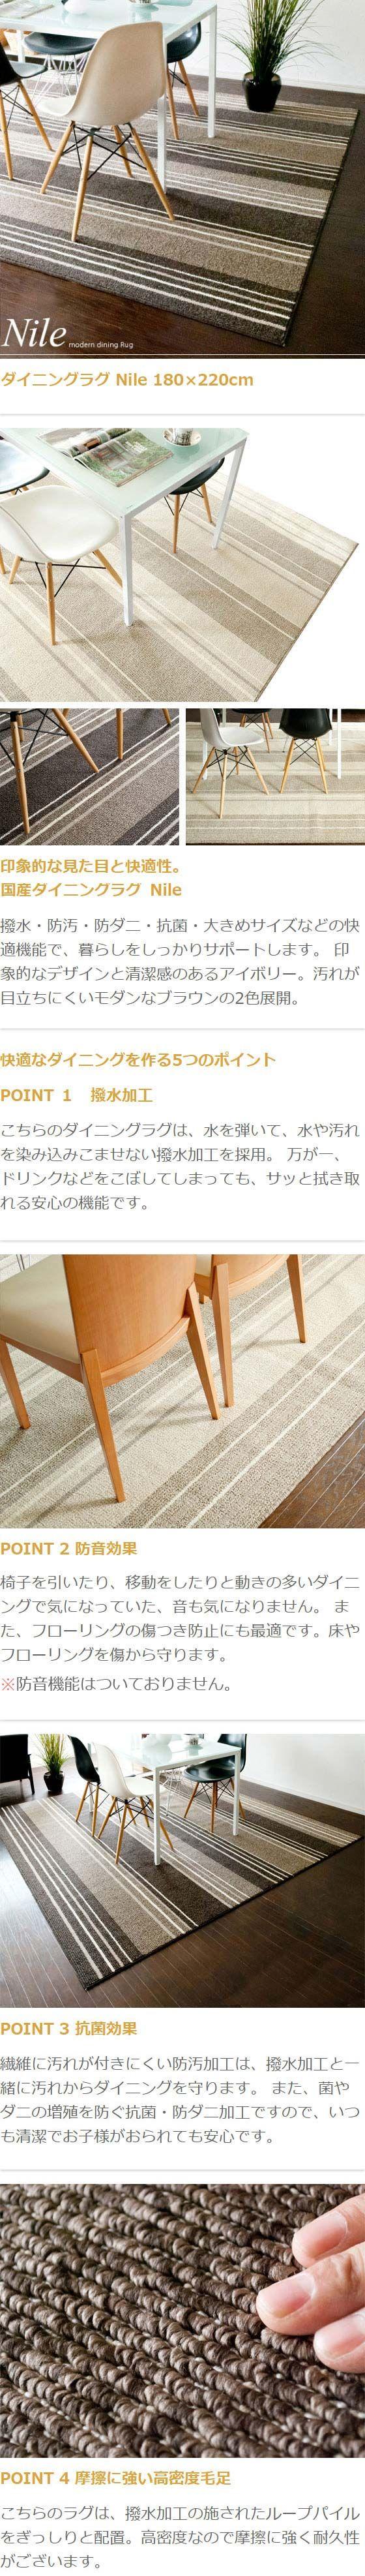 エア・リゾーム インテリア / カーペット ラグ ダイニング Nile〔ナイル〕 180×221cmタイプ アイボリー ブラウン 日本製